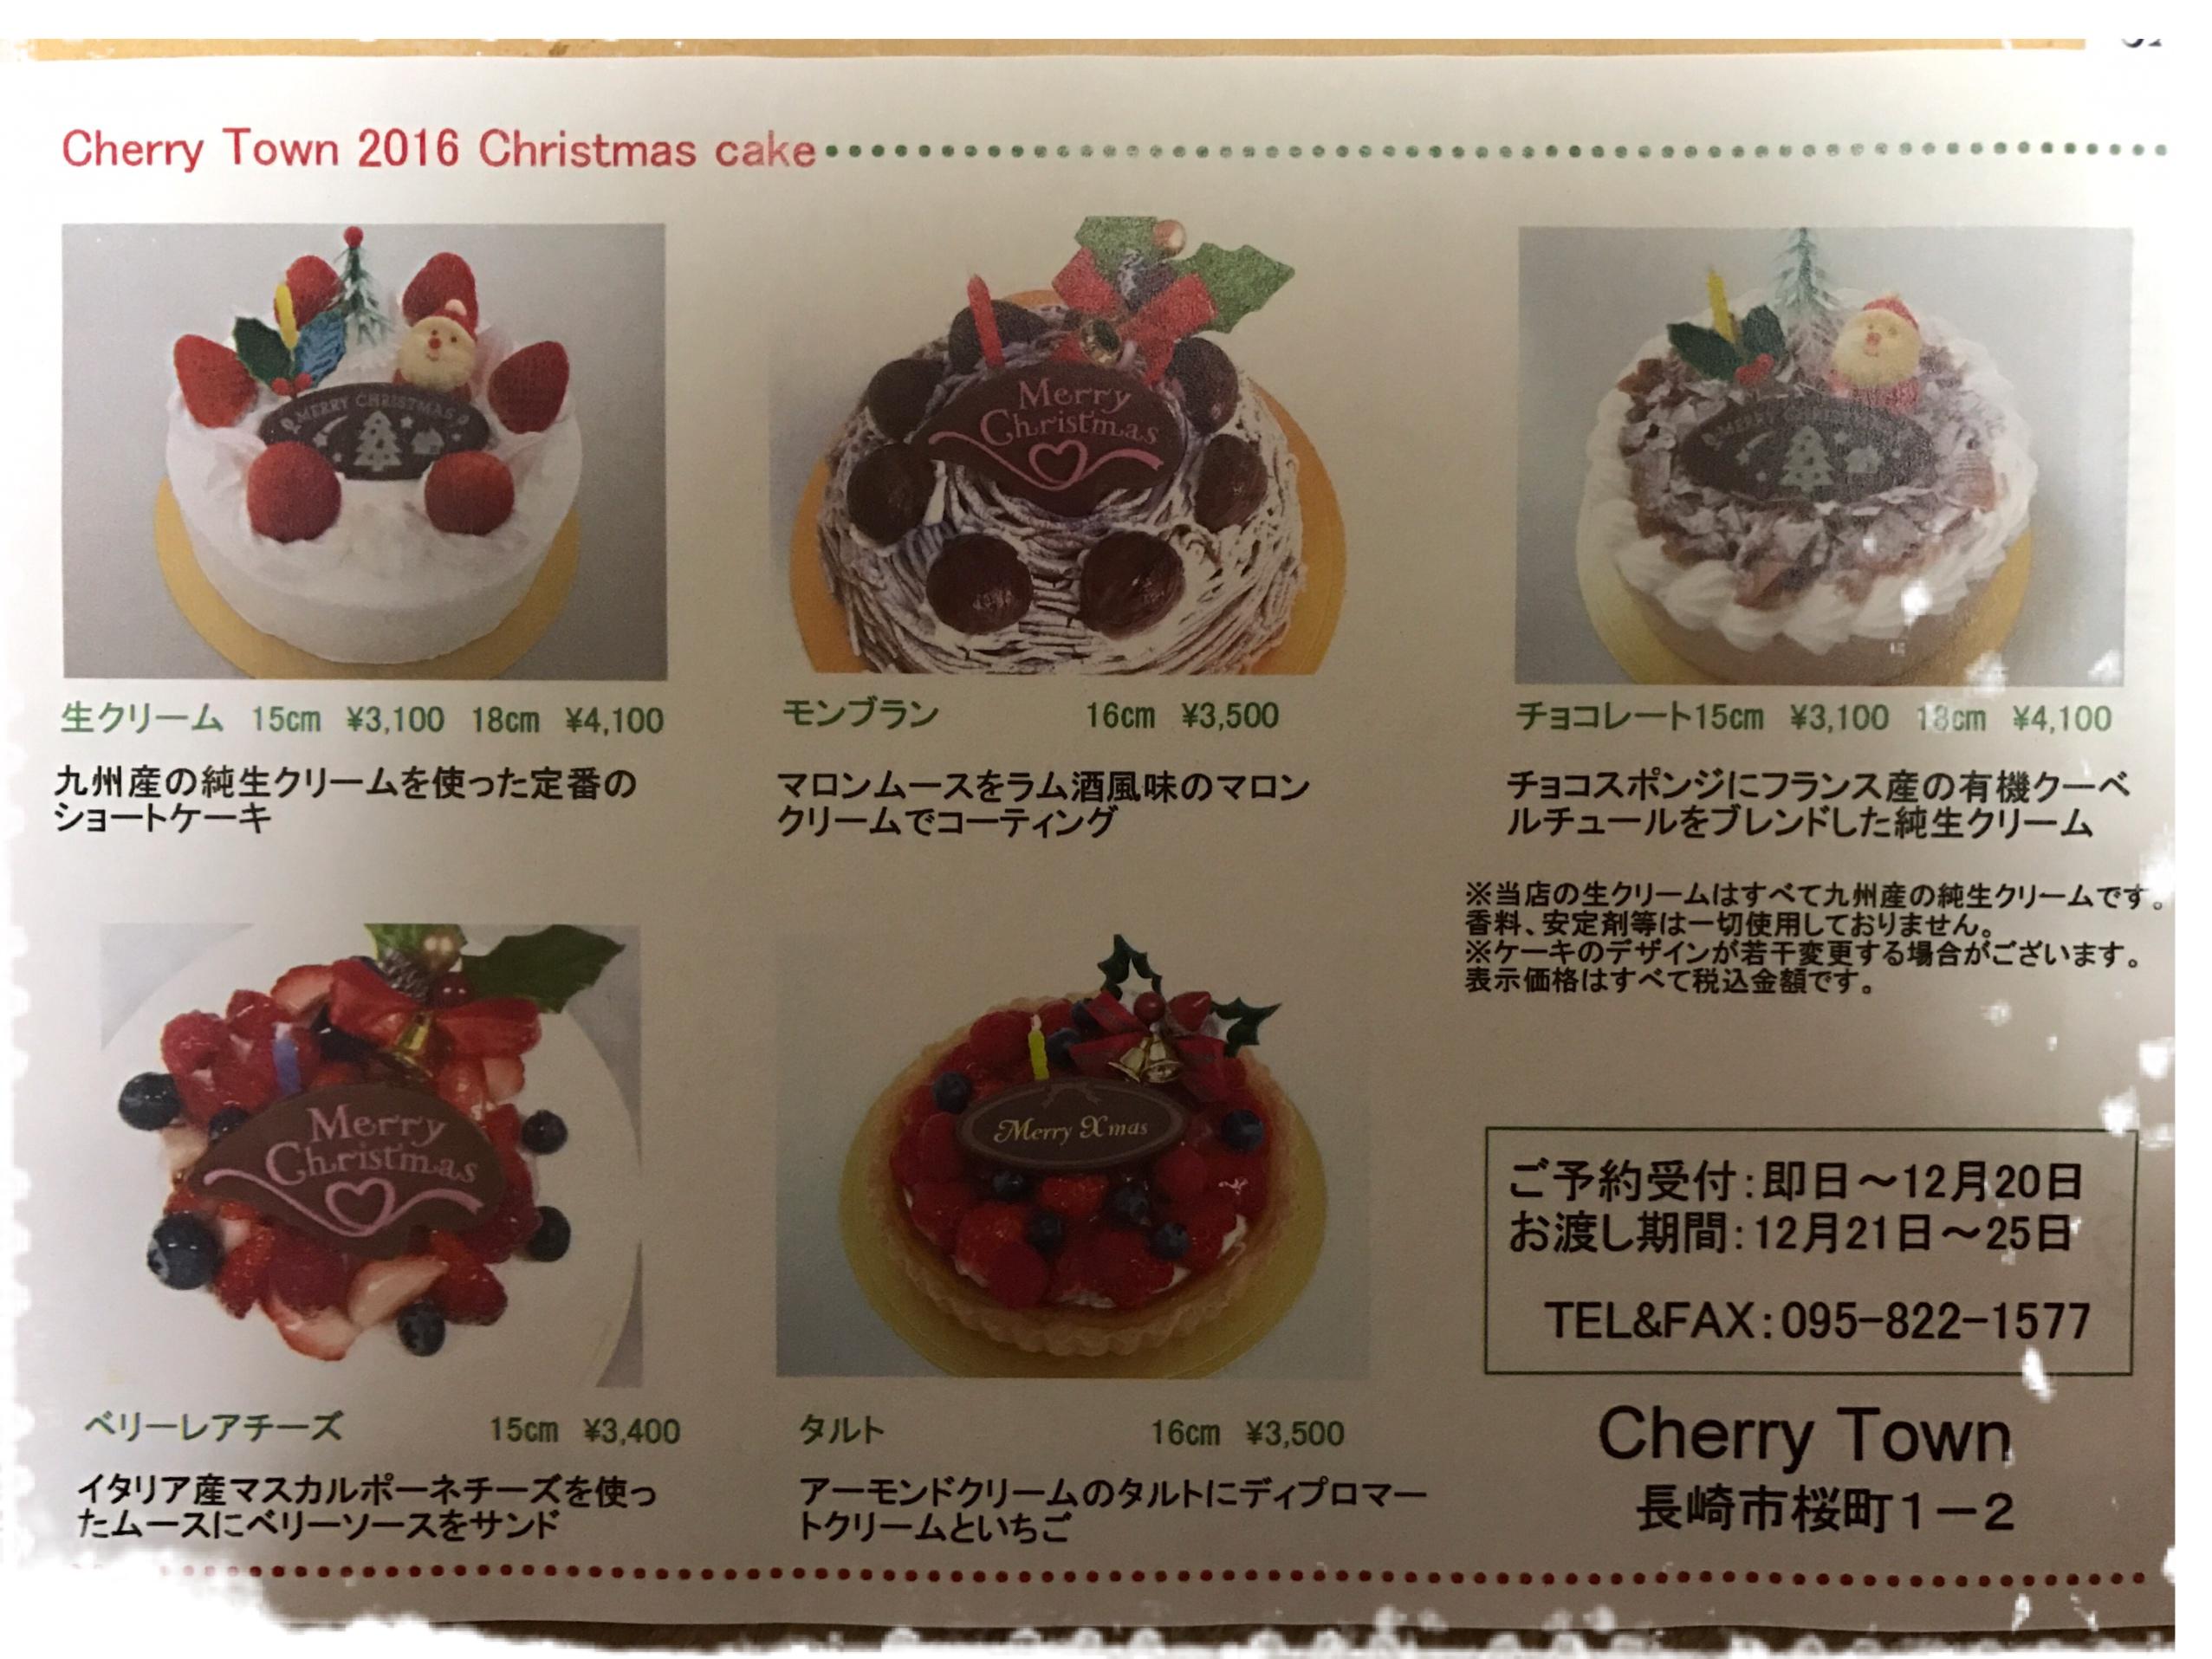 クリスマスケーキは、チェリータウンで♡